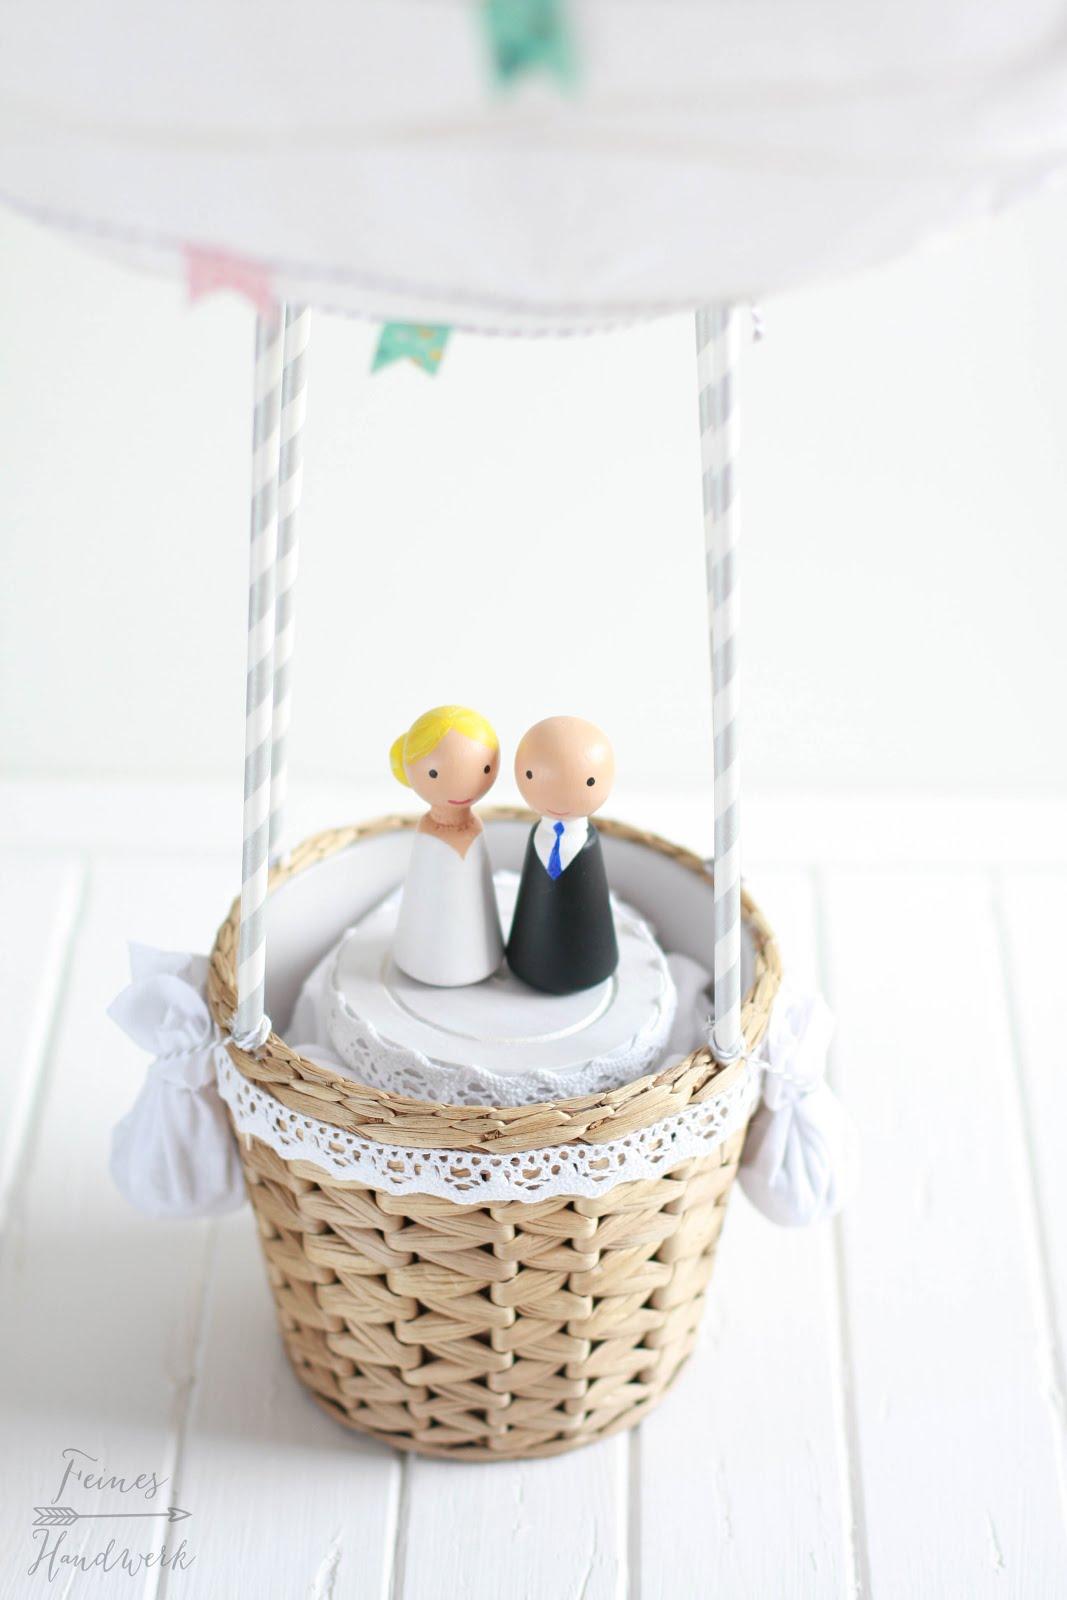 feines handwerk hei luftballon als hochzeitsgeschenk. Black Bedroom Furniture Sets. Home Design Ideas